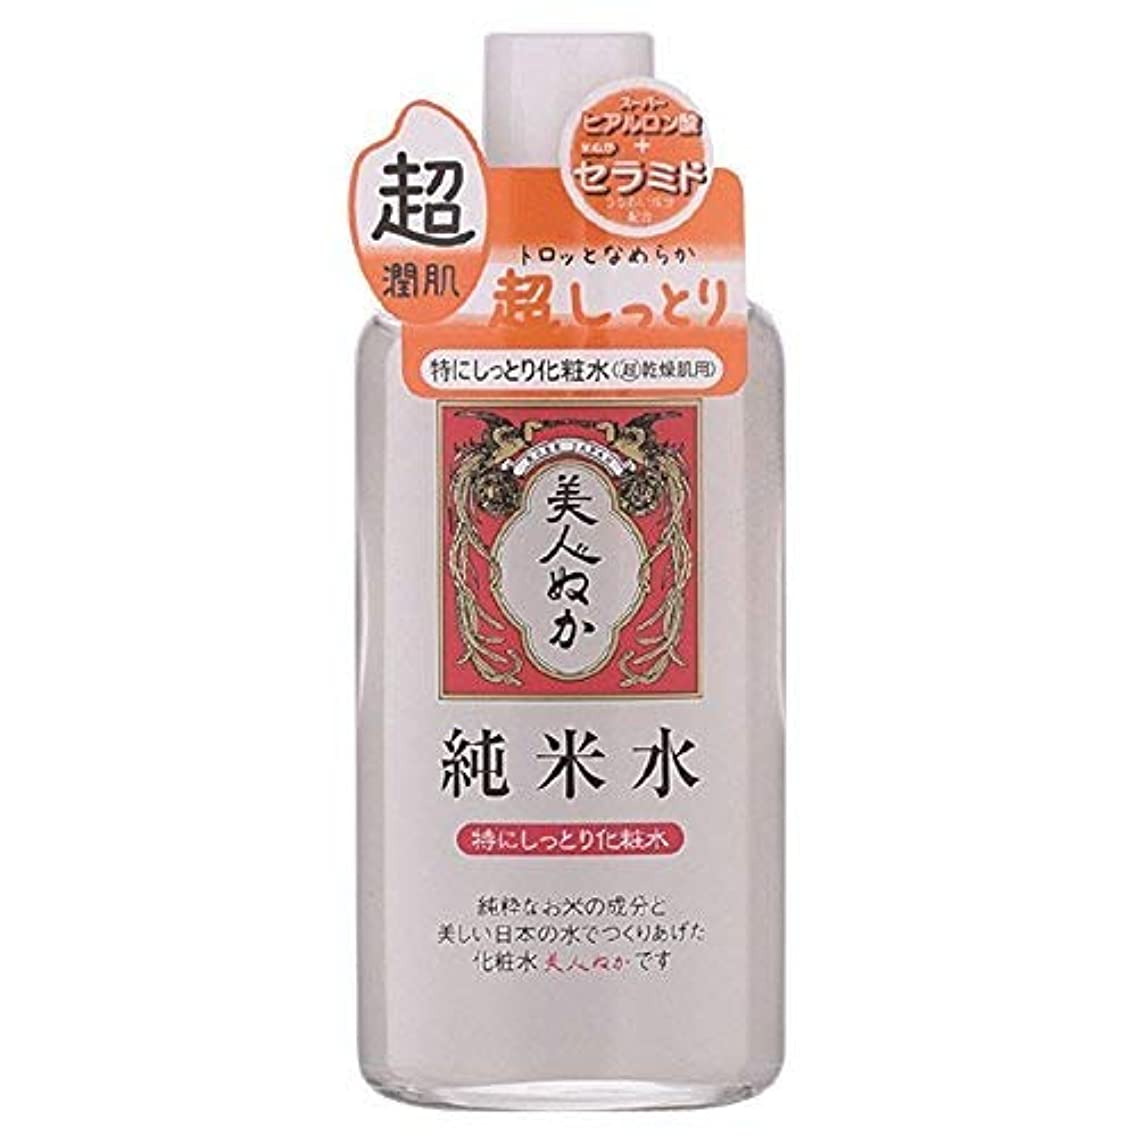 高さ漏れに付ける純米水 特にしっとり化粧水 × 3個セット